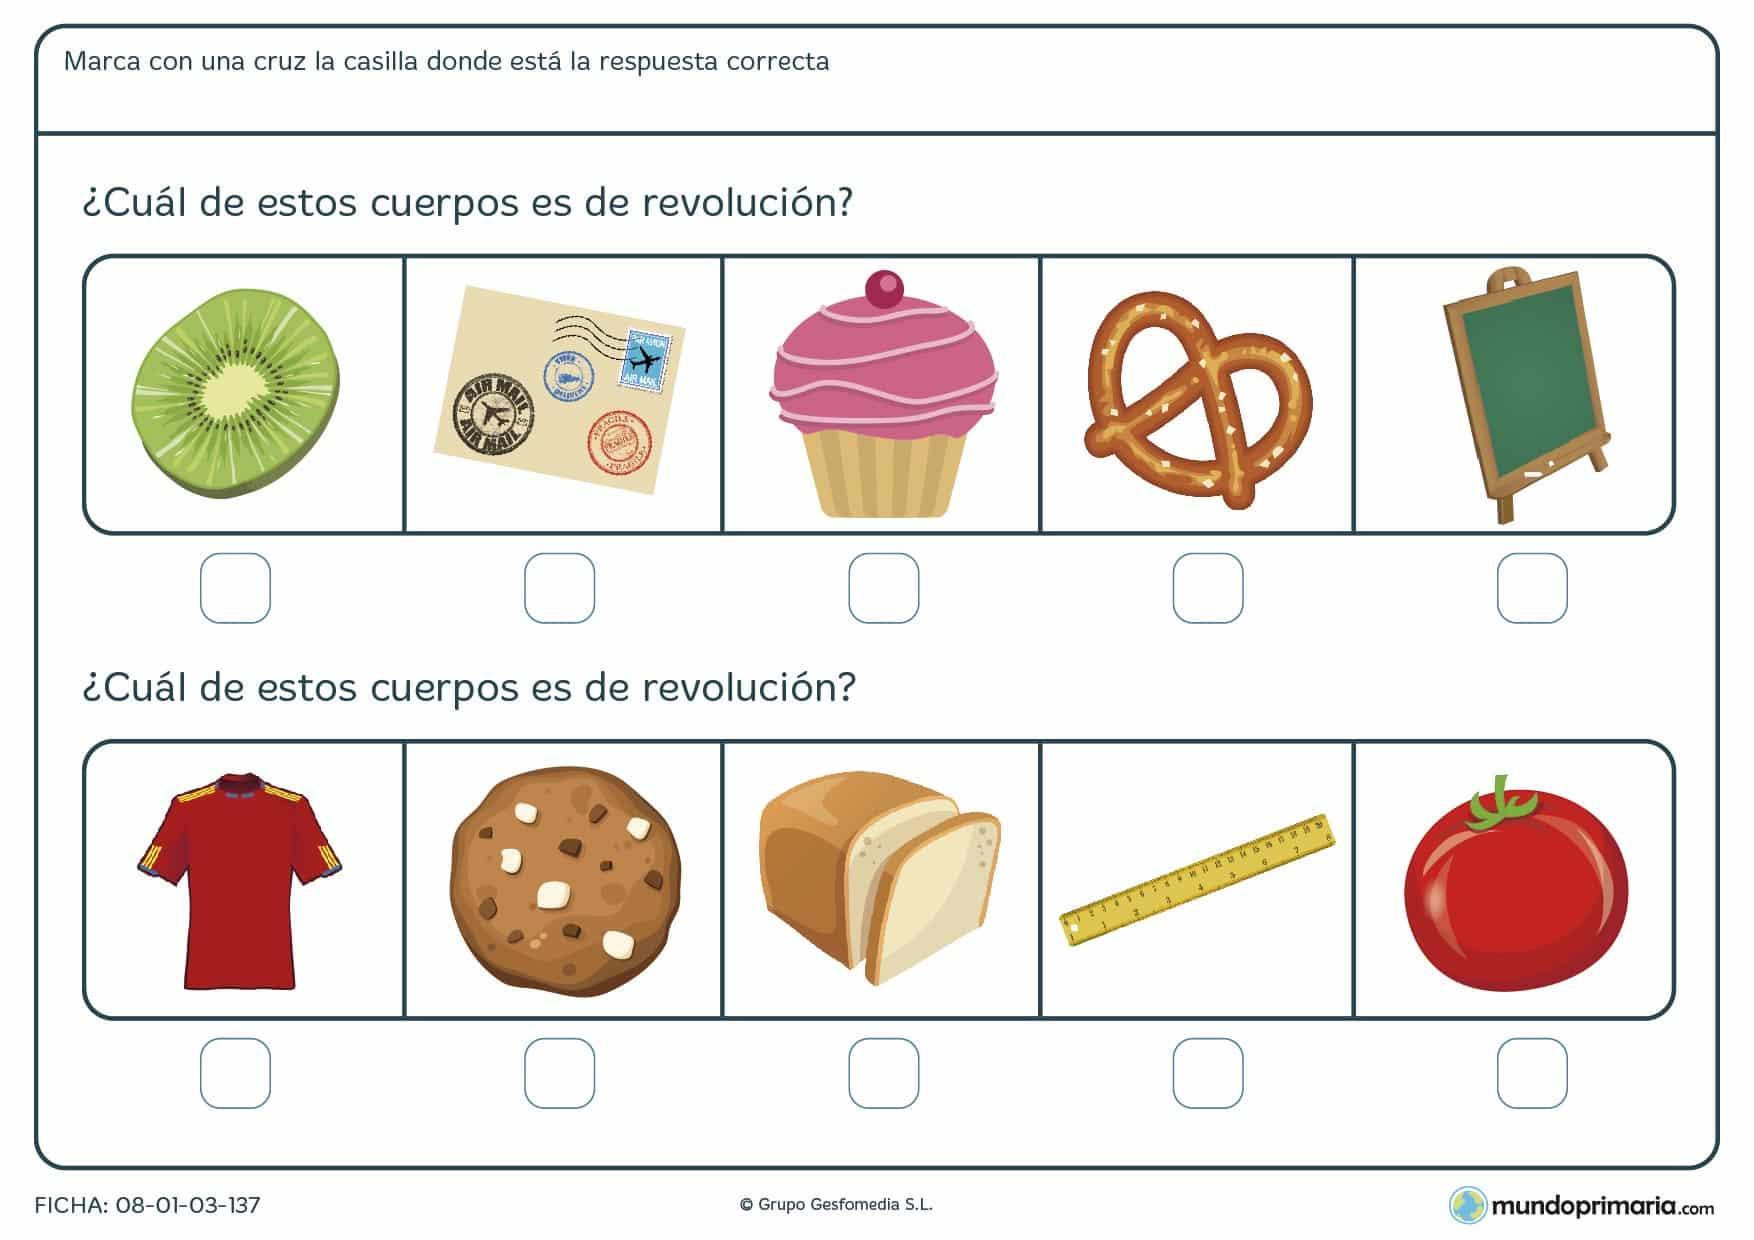 Ficha de sobre geométricos de revolución para poner una x en la casilla que se correponde con un cuerpo de revolución.